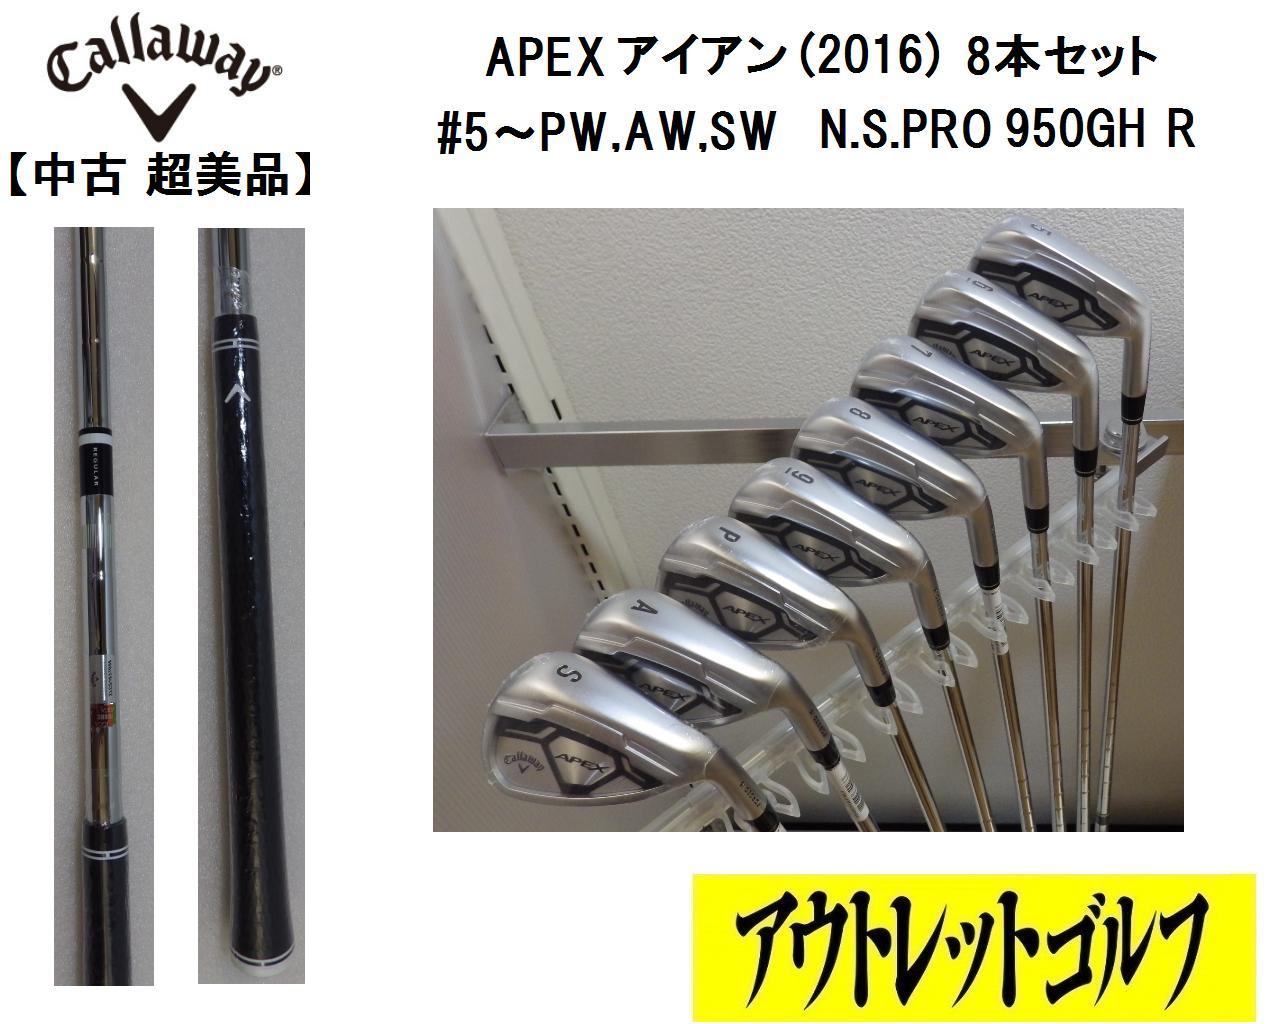 【 超美品】キャロウェイ APEX(2016) #5~SW 8本セット N.S.PRO950GH R 日本正規品(111703002072) 大人気のアイアンセットが大特価!